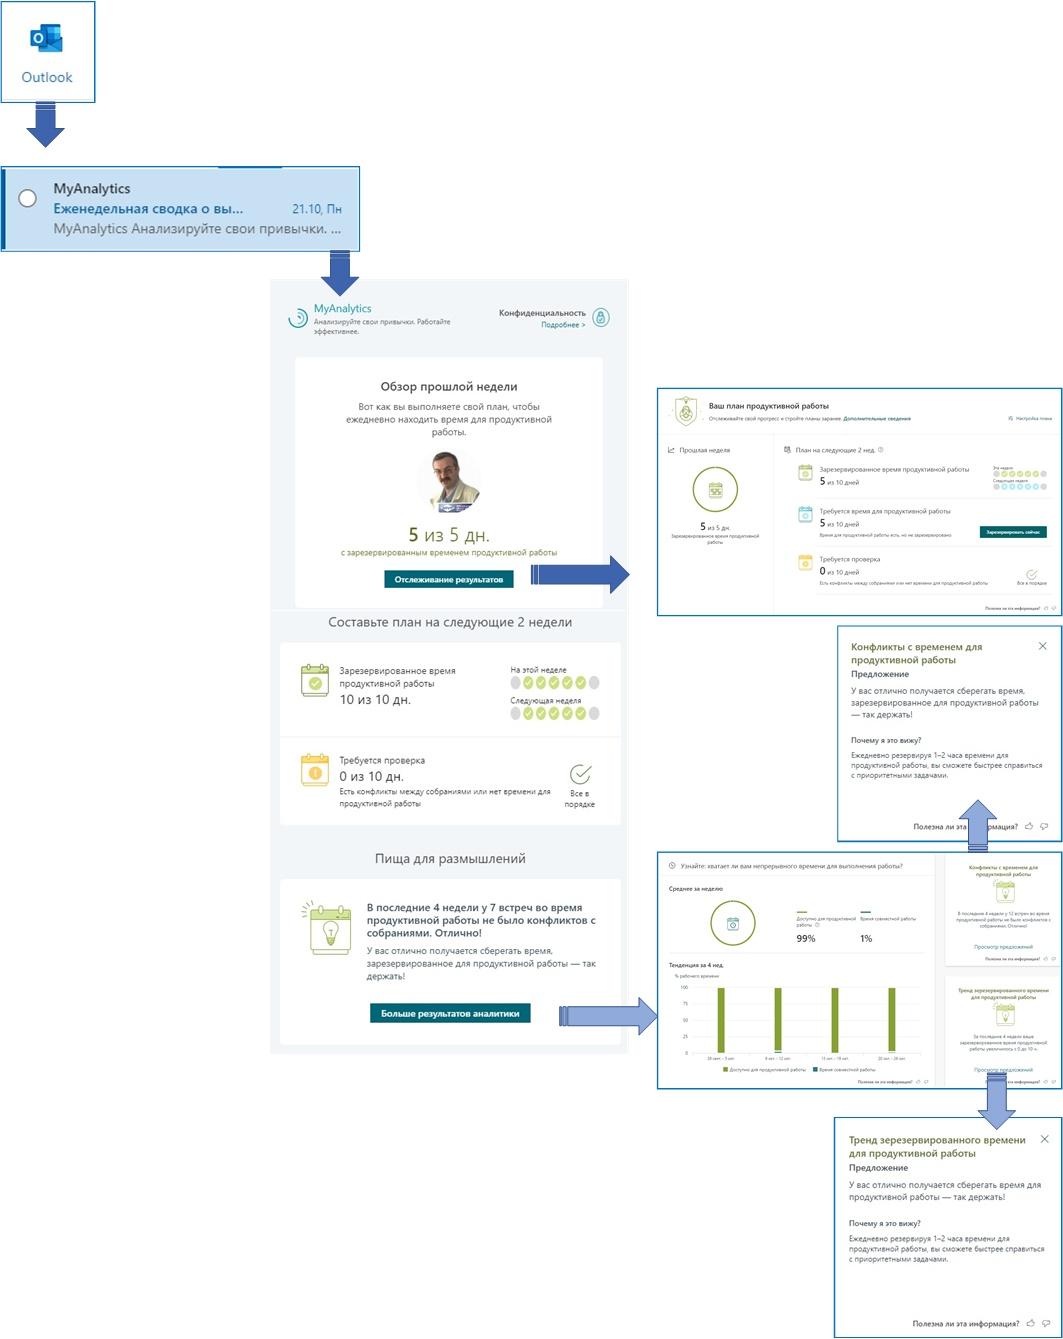 Надстройка Outlook и еженедельное сообщение в MyAnalytics